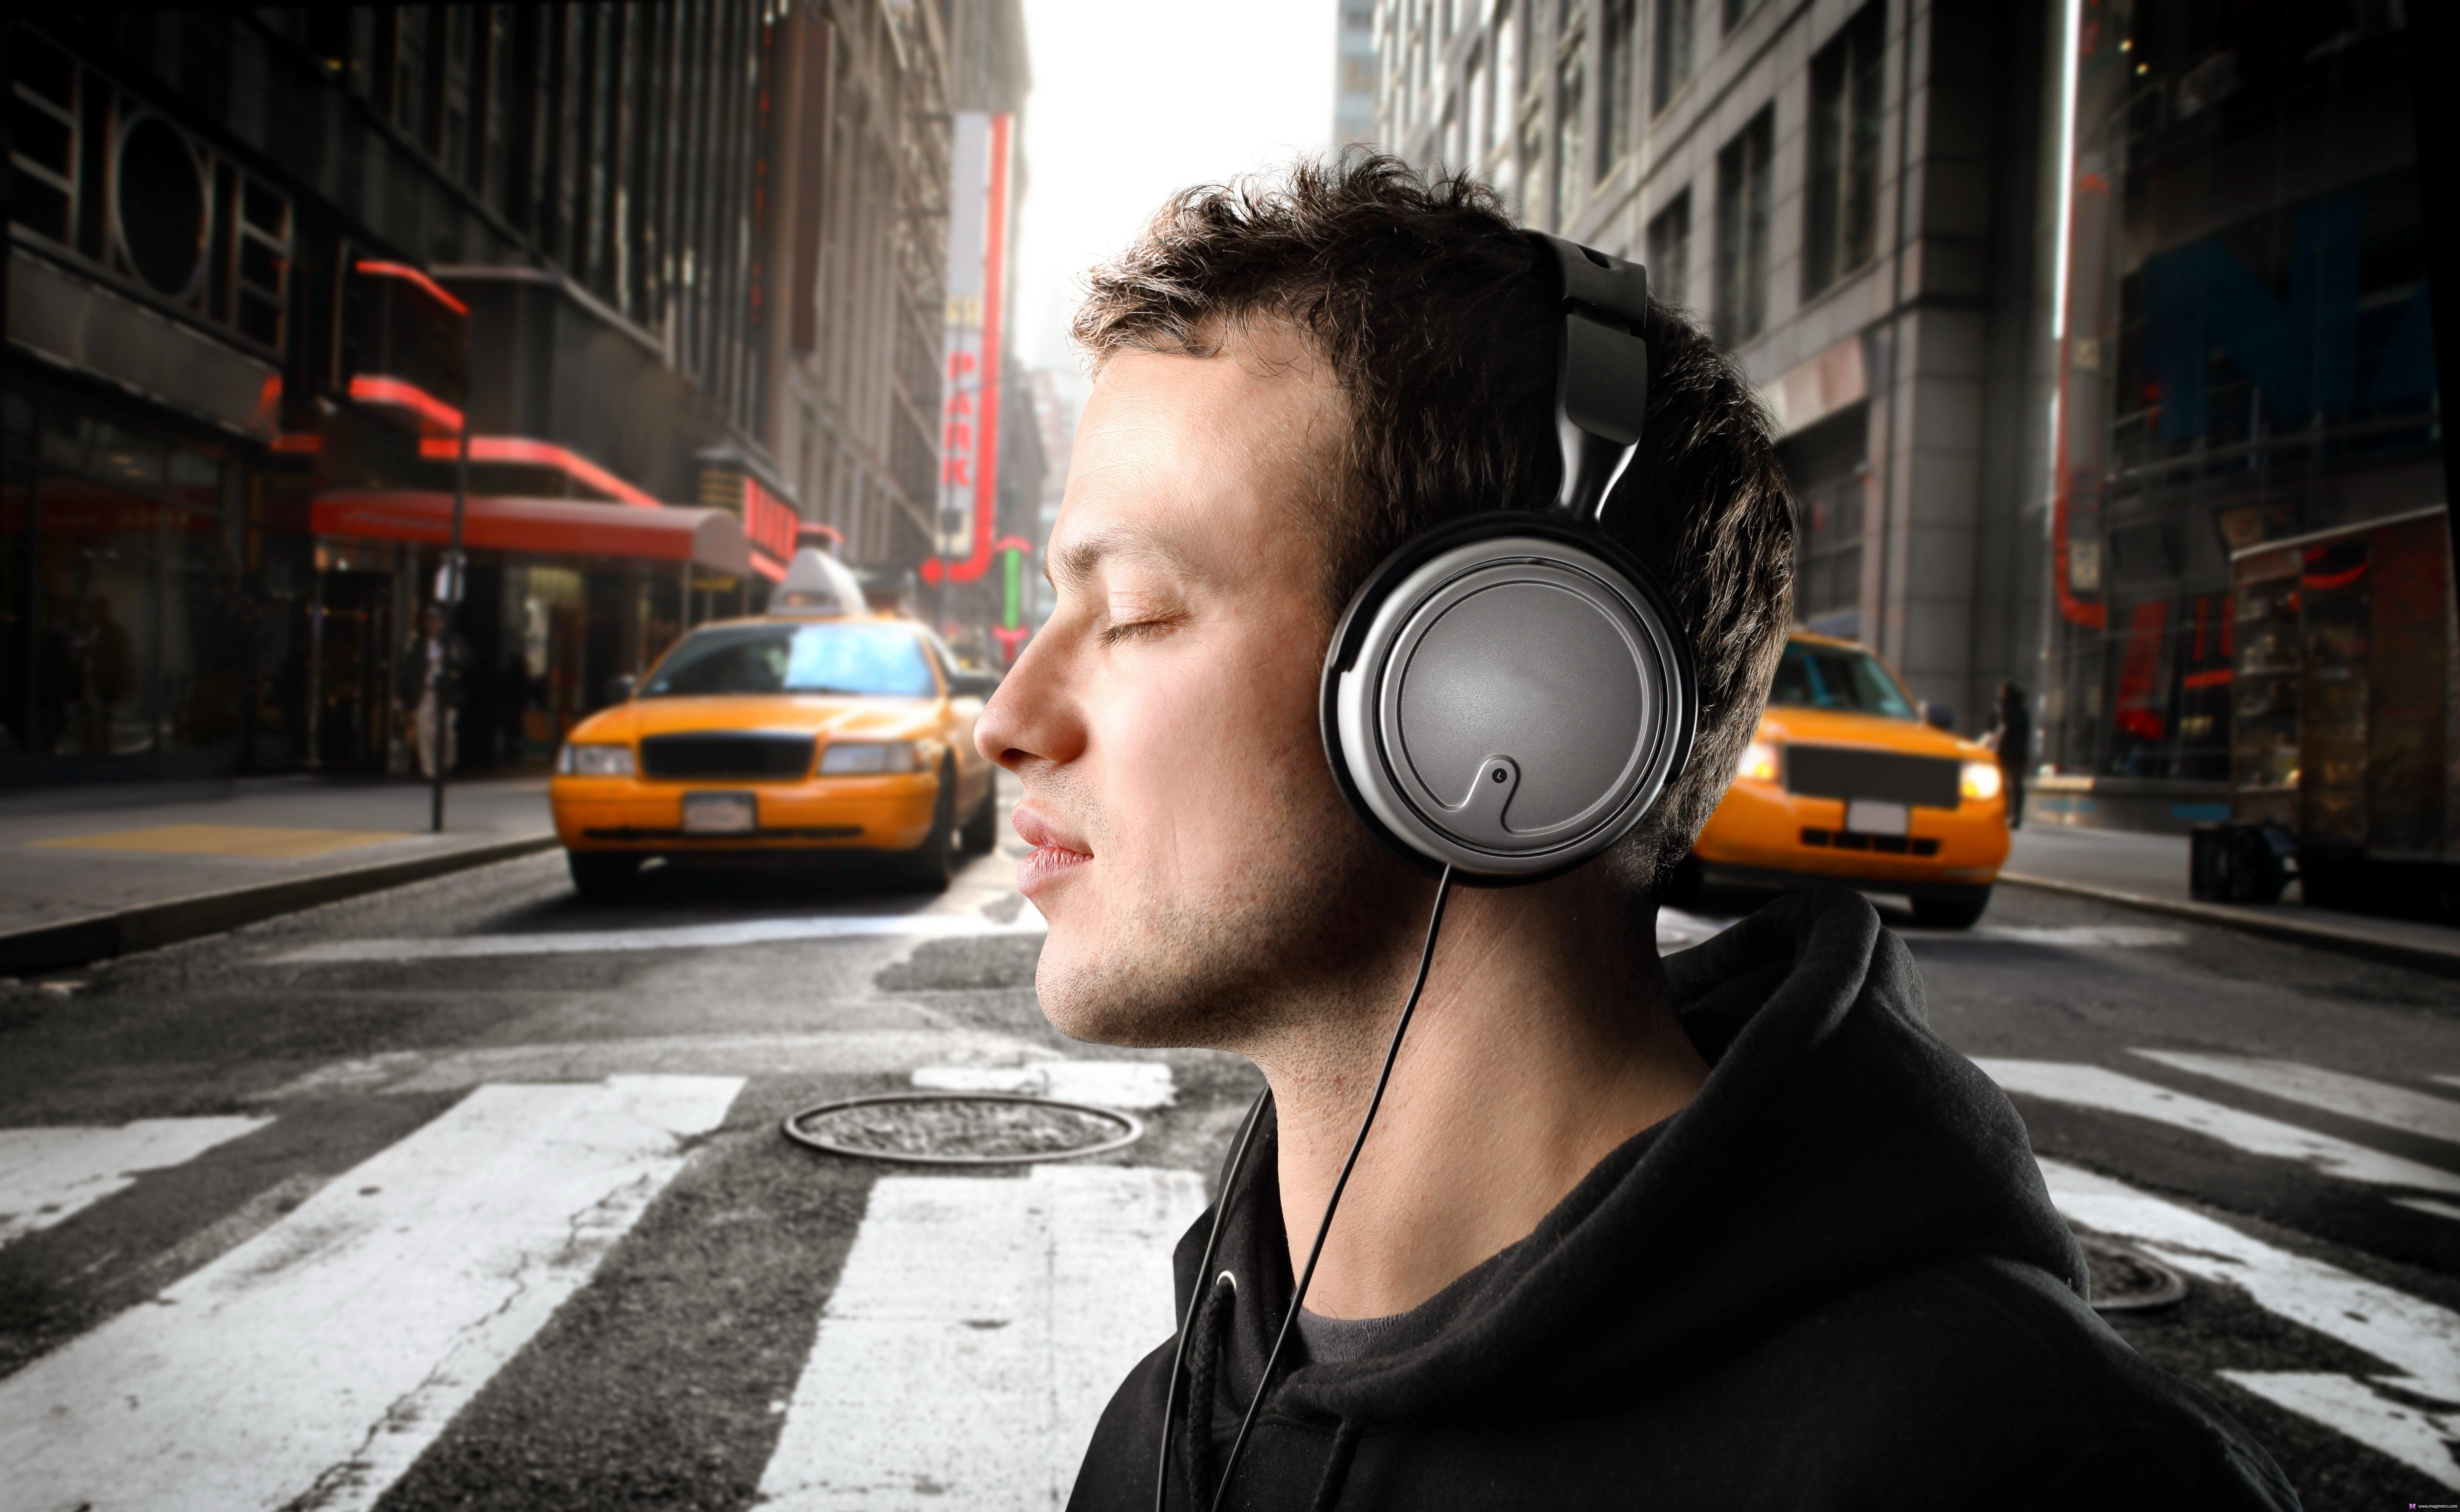 Вконтакте опять давит на уши: музыка вновь под ограничением